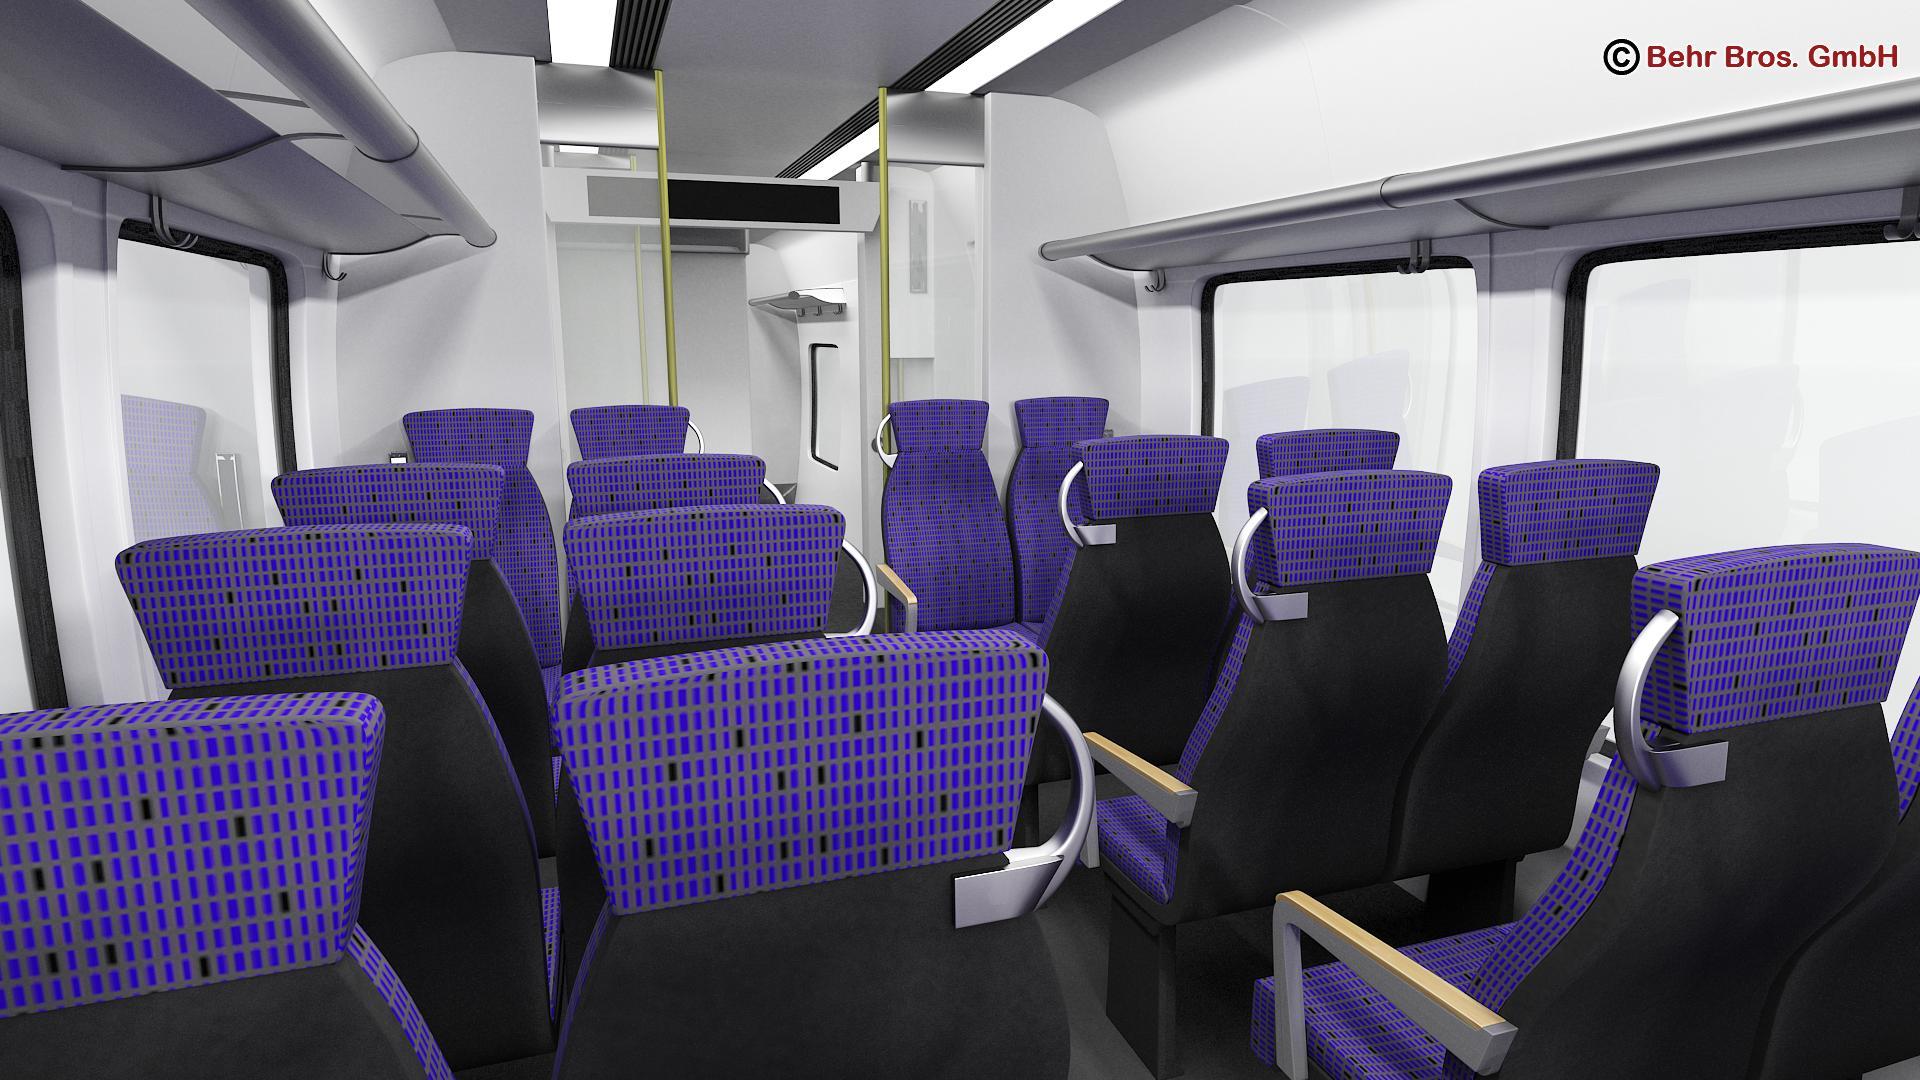 generic commuter train 3d model 3ds max fbx c4d ma mb obj 206643